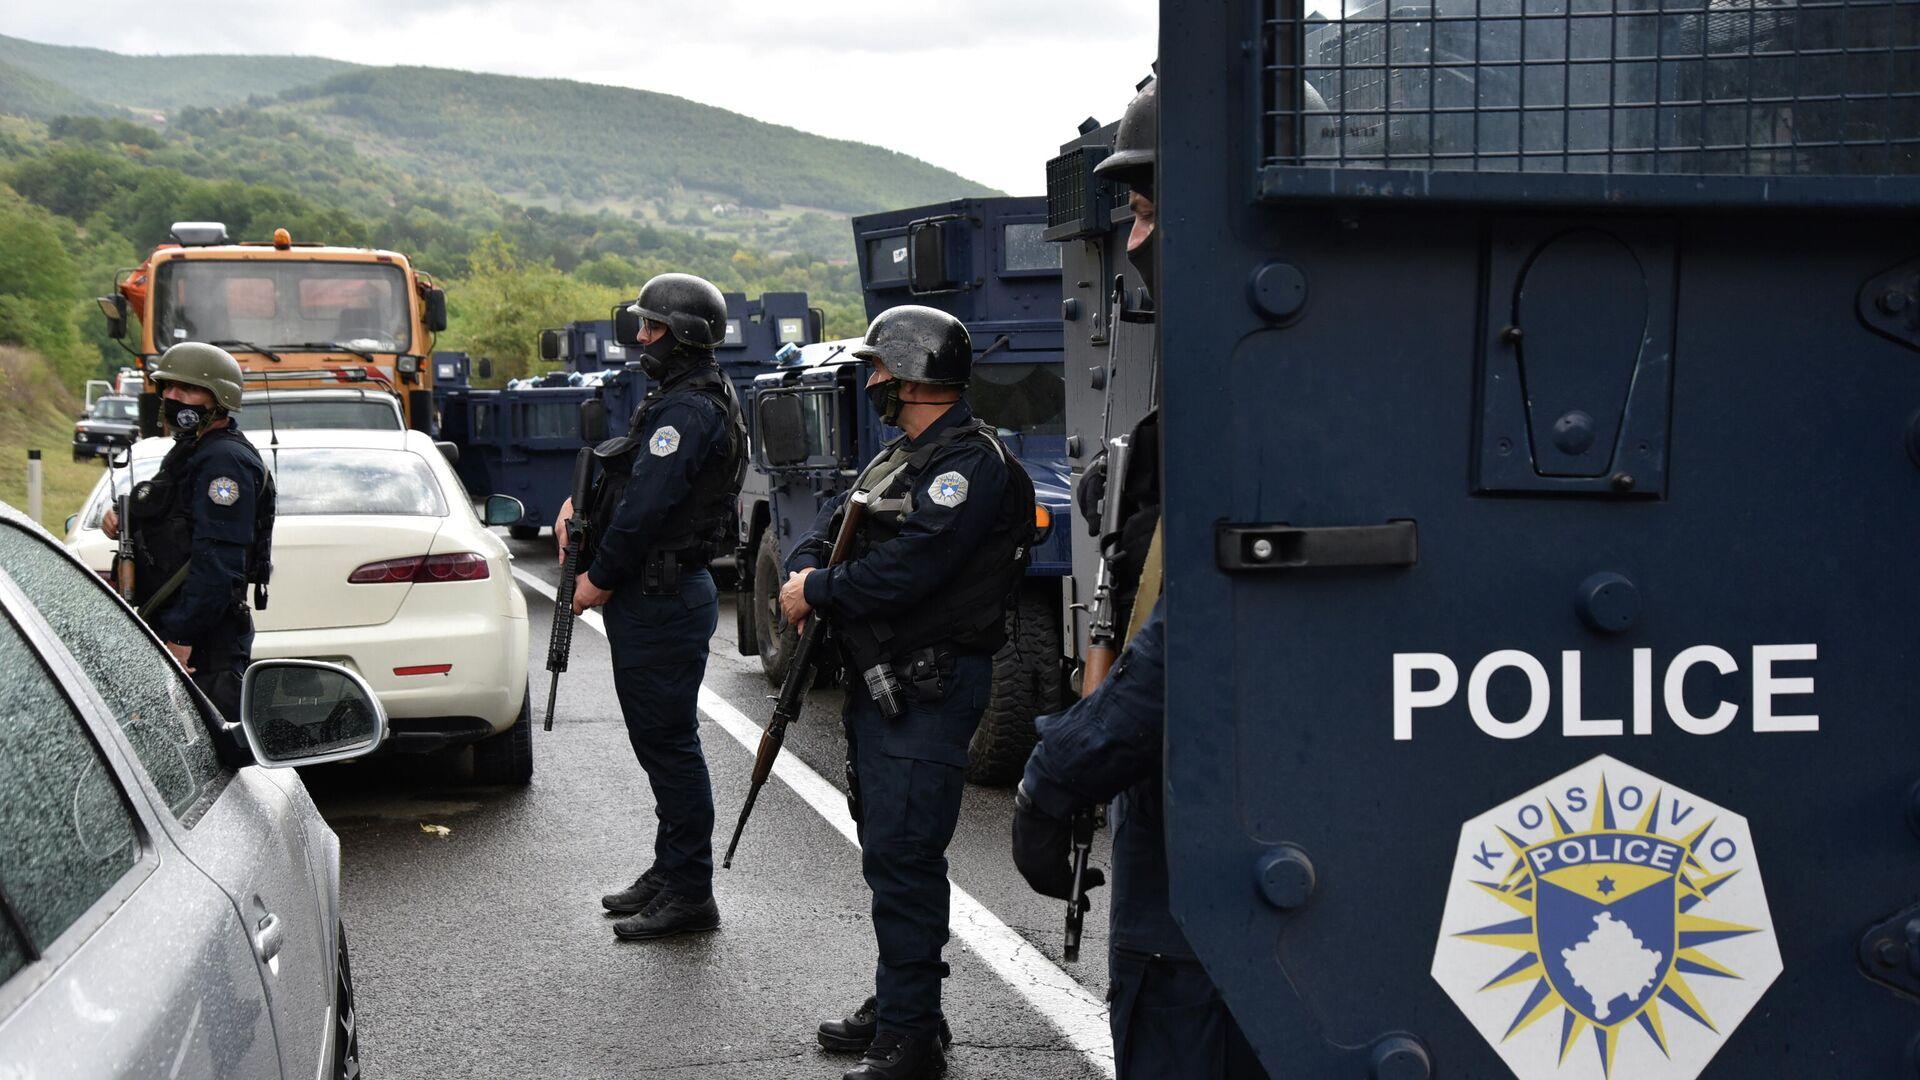 Schwer bewaffnete Einheit der kosovarischen Sonderpolizei ROSU am Kontrollpunkt Jarinje an der Grenze zu Serbien, 20. September 2021 - SNA, 1920, 13.10.2021